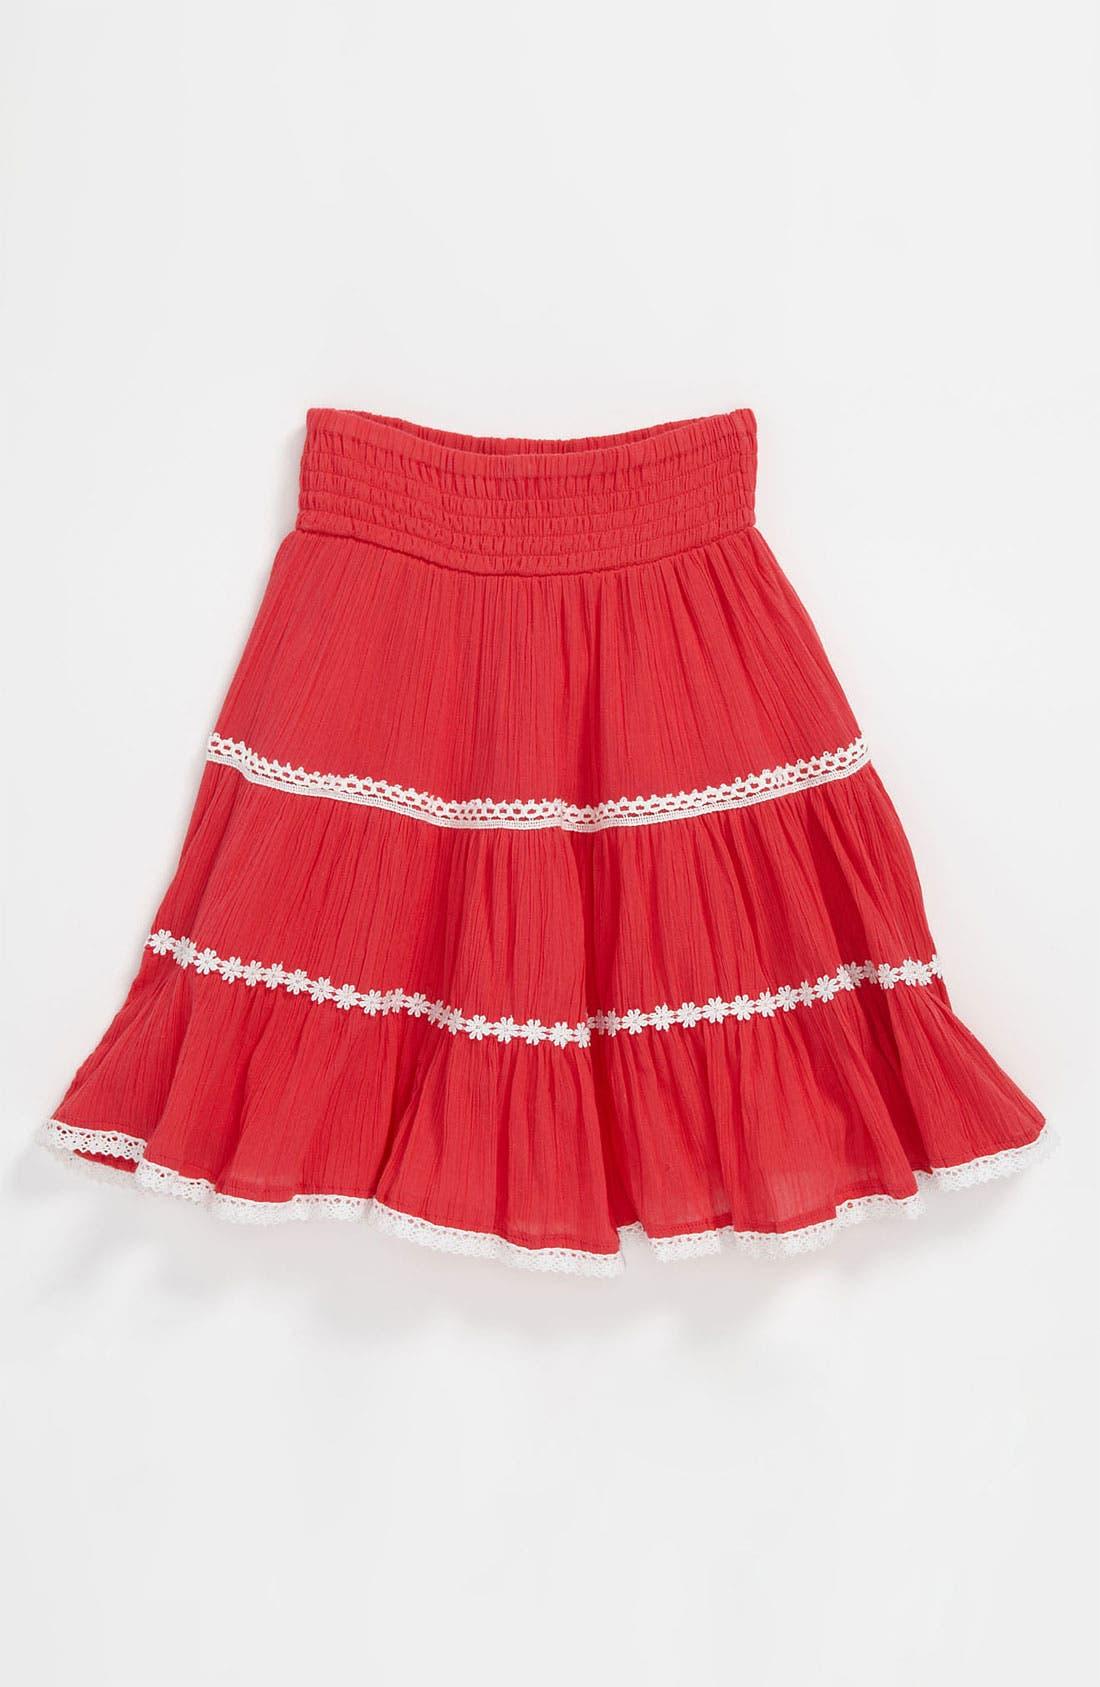 Main Image - Pumpkin Patch Tiered Skirt (Little Girls & Big Girls)